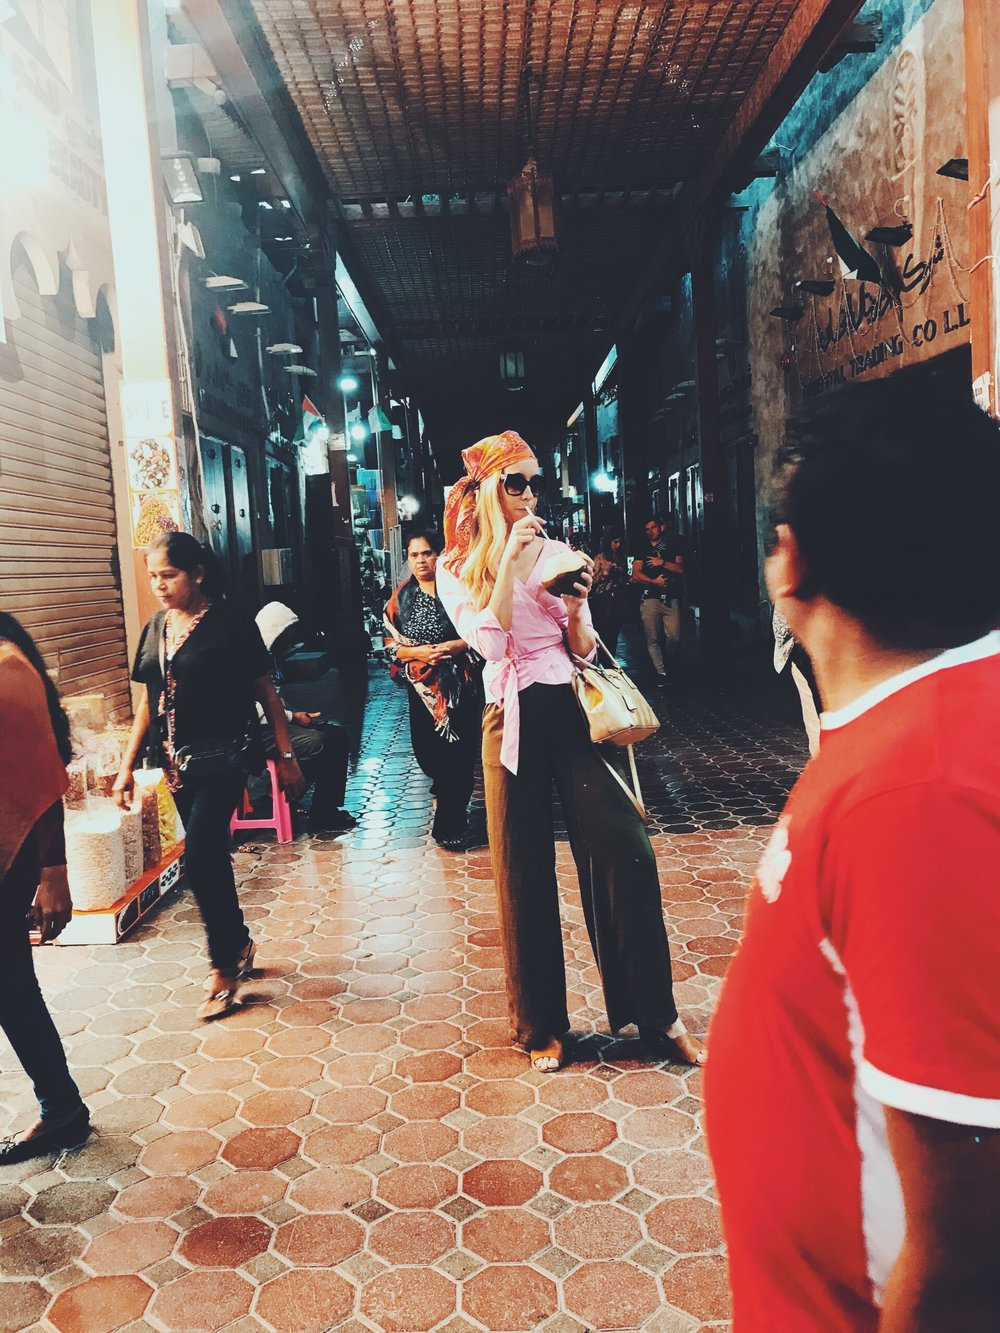 the souks - in old dubai